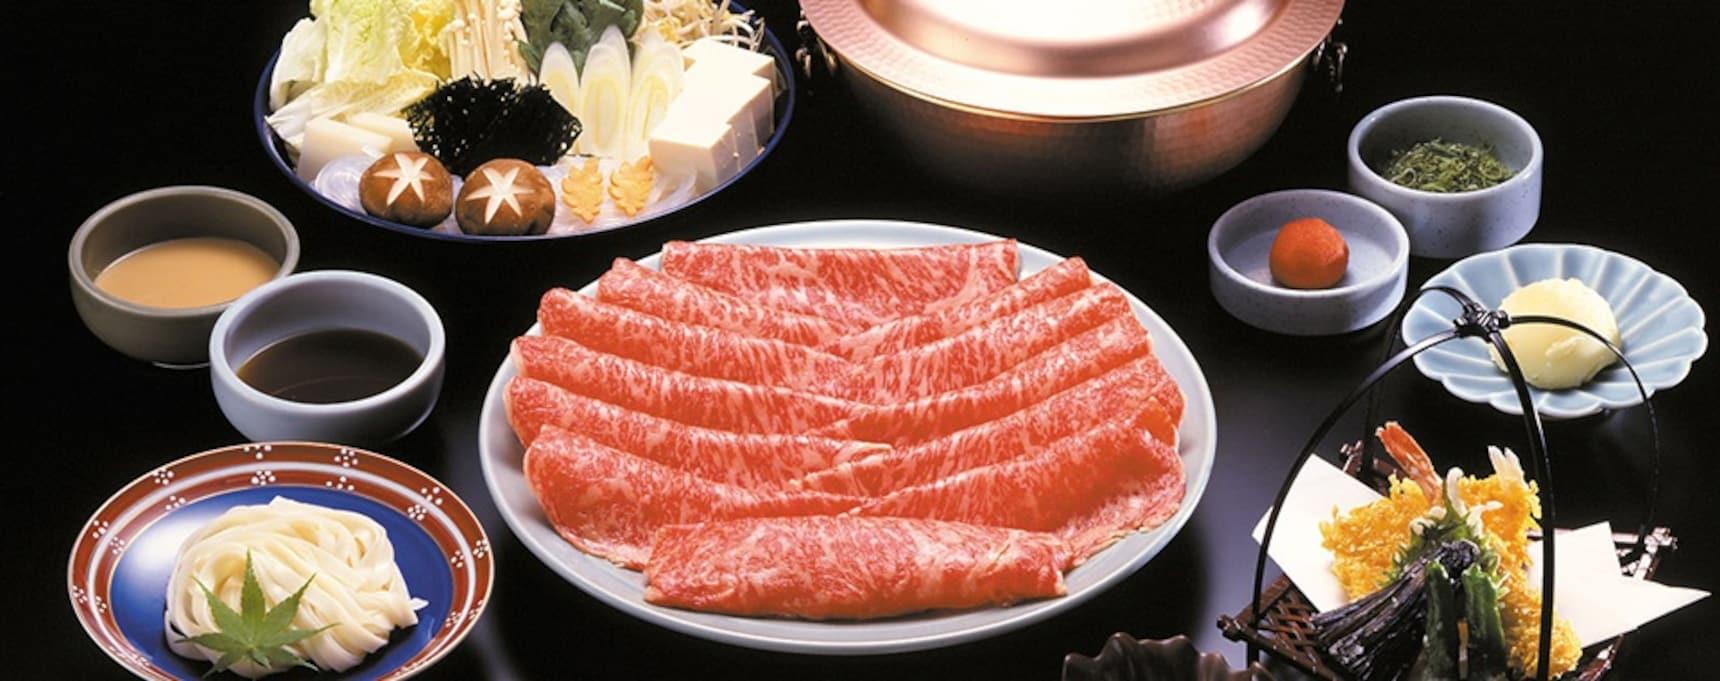 일본 음식 문화: 영양 만점 보양식